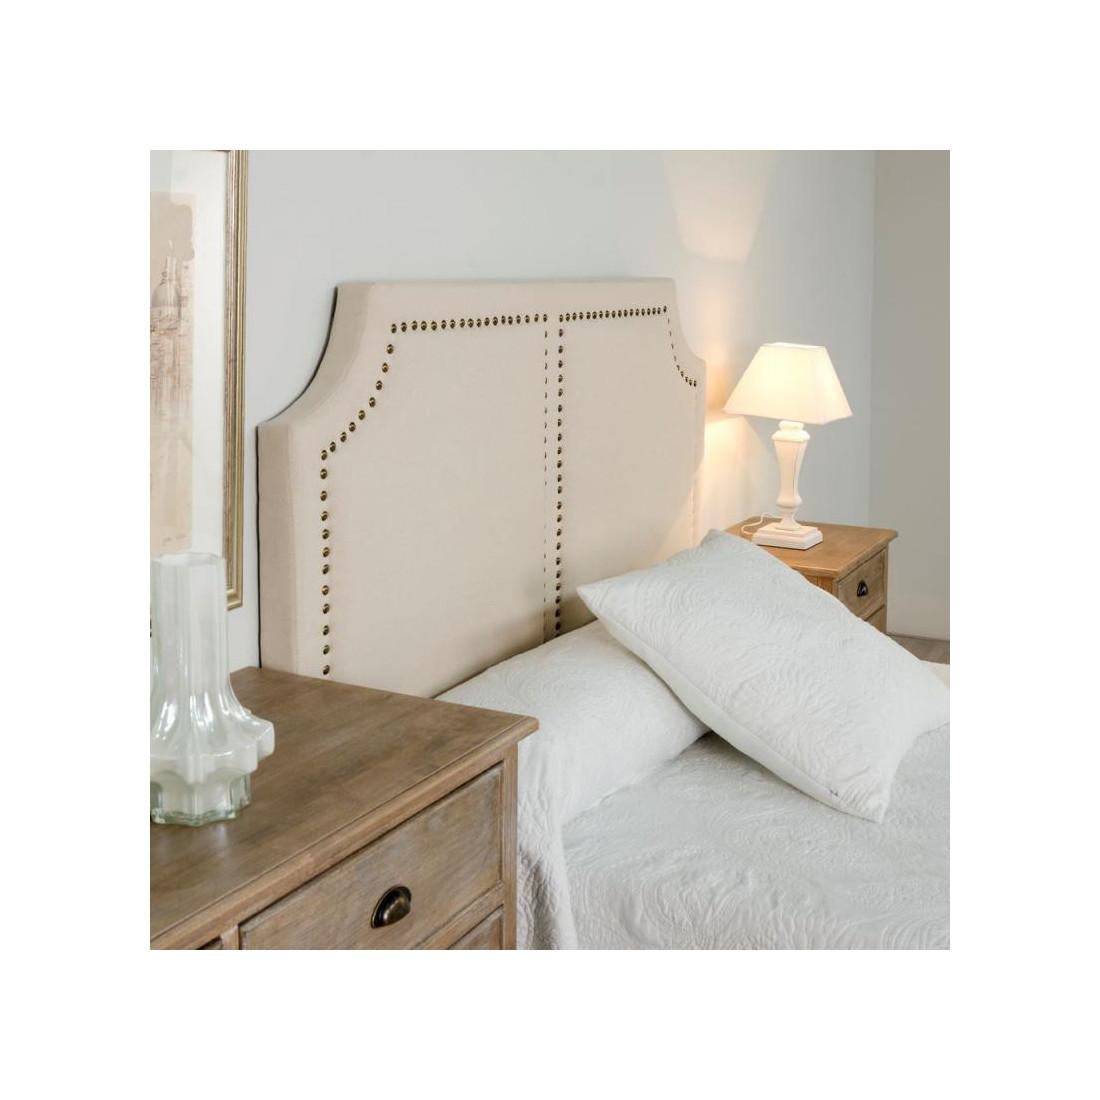 t te de lit clout e cr me 160 cm n 4 sweet univers chambre. Black Bedroom Furniture Sets. Home Design Ideas